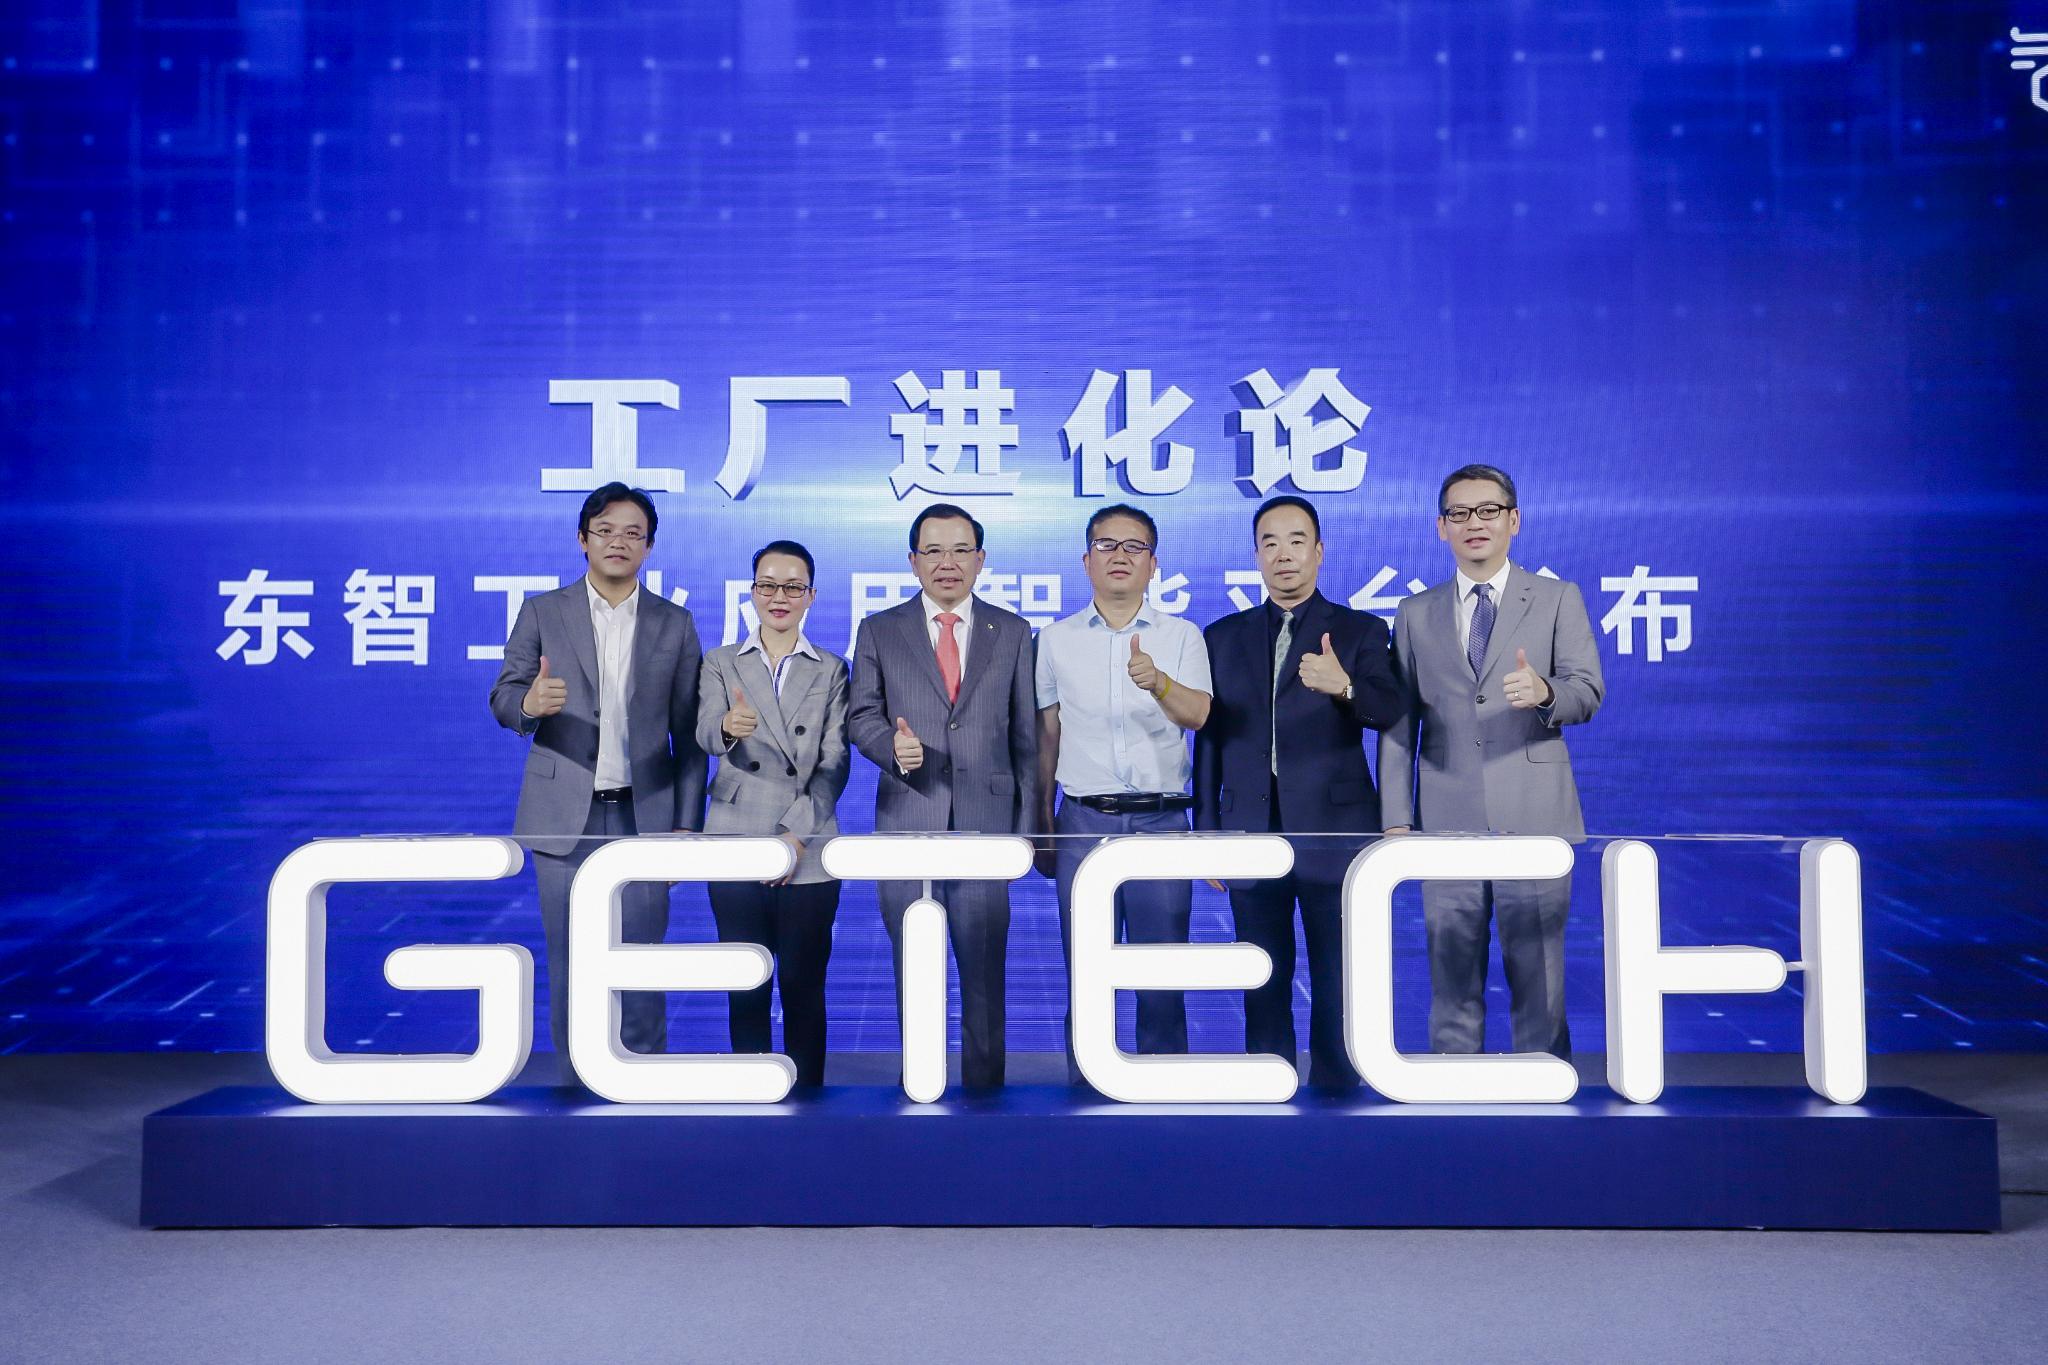 格创东智发布业内首个工业应用智能平台,推动工厂进化